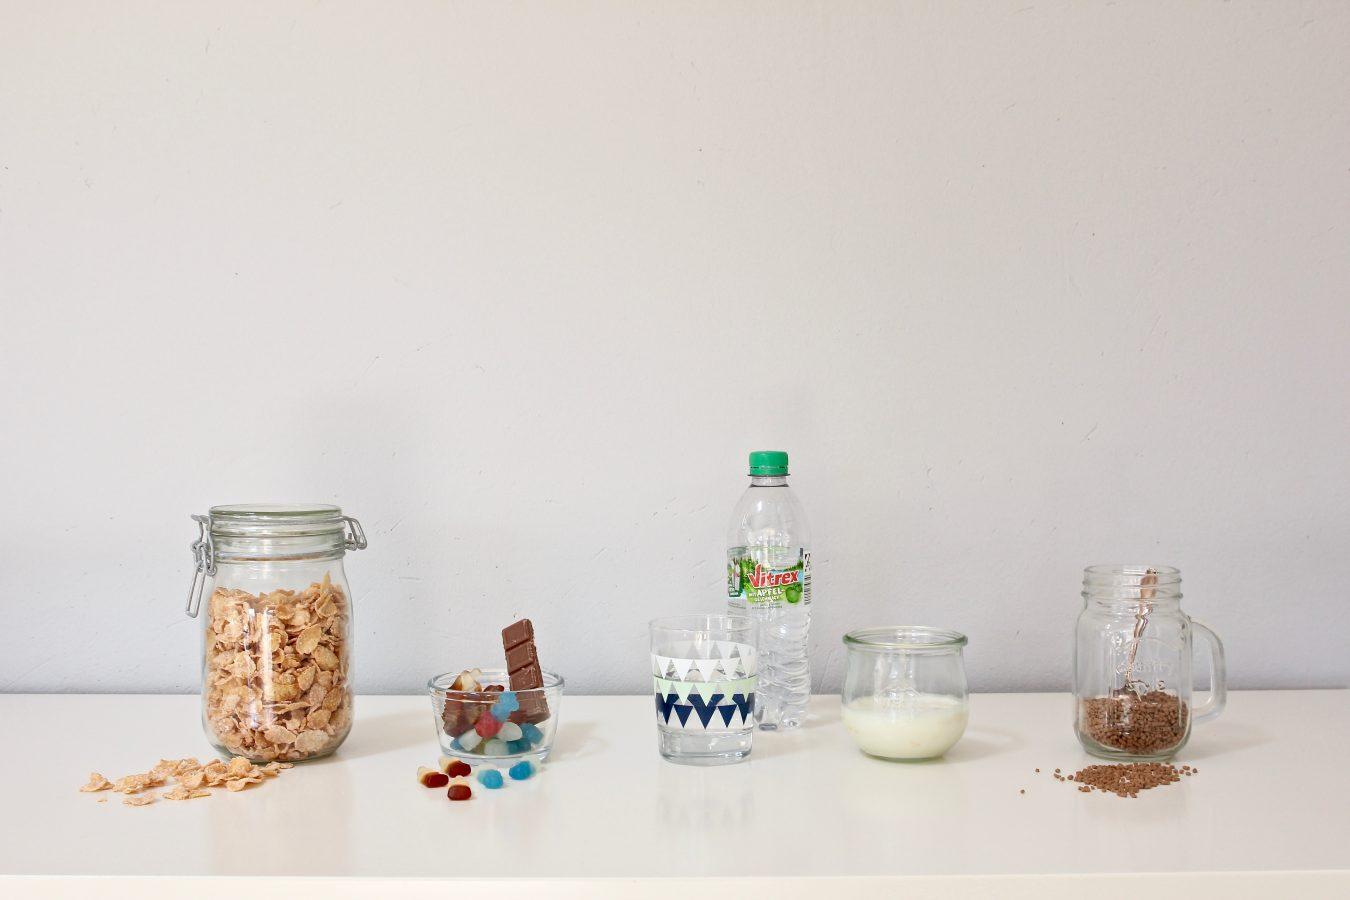 Lebensmittel mit viel Zucker